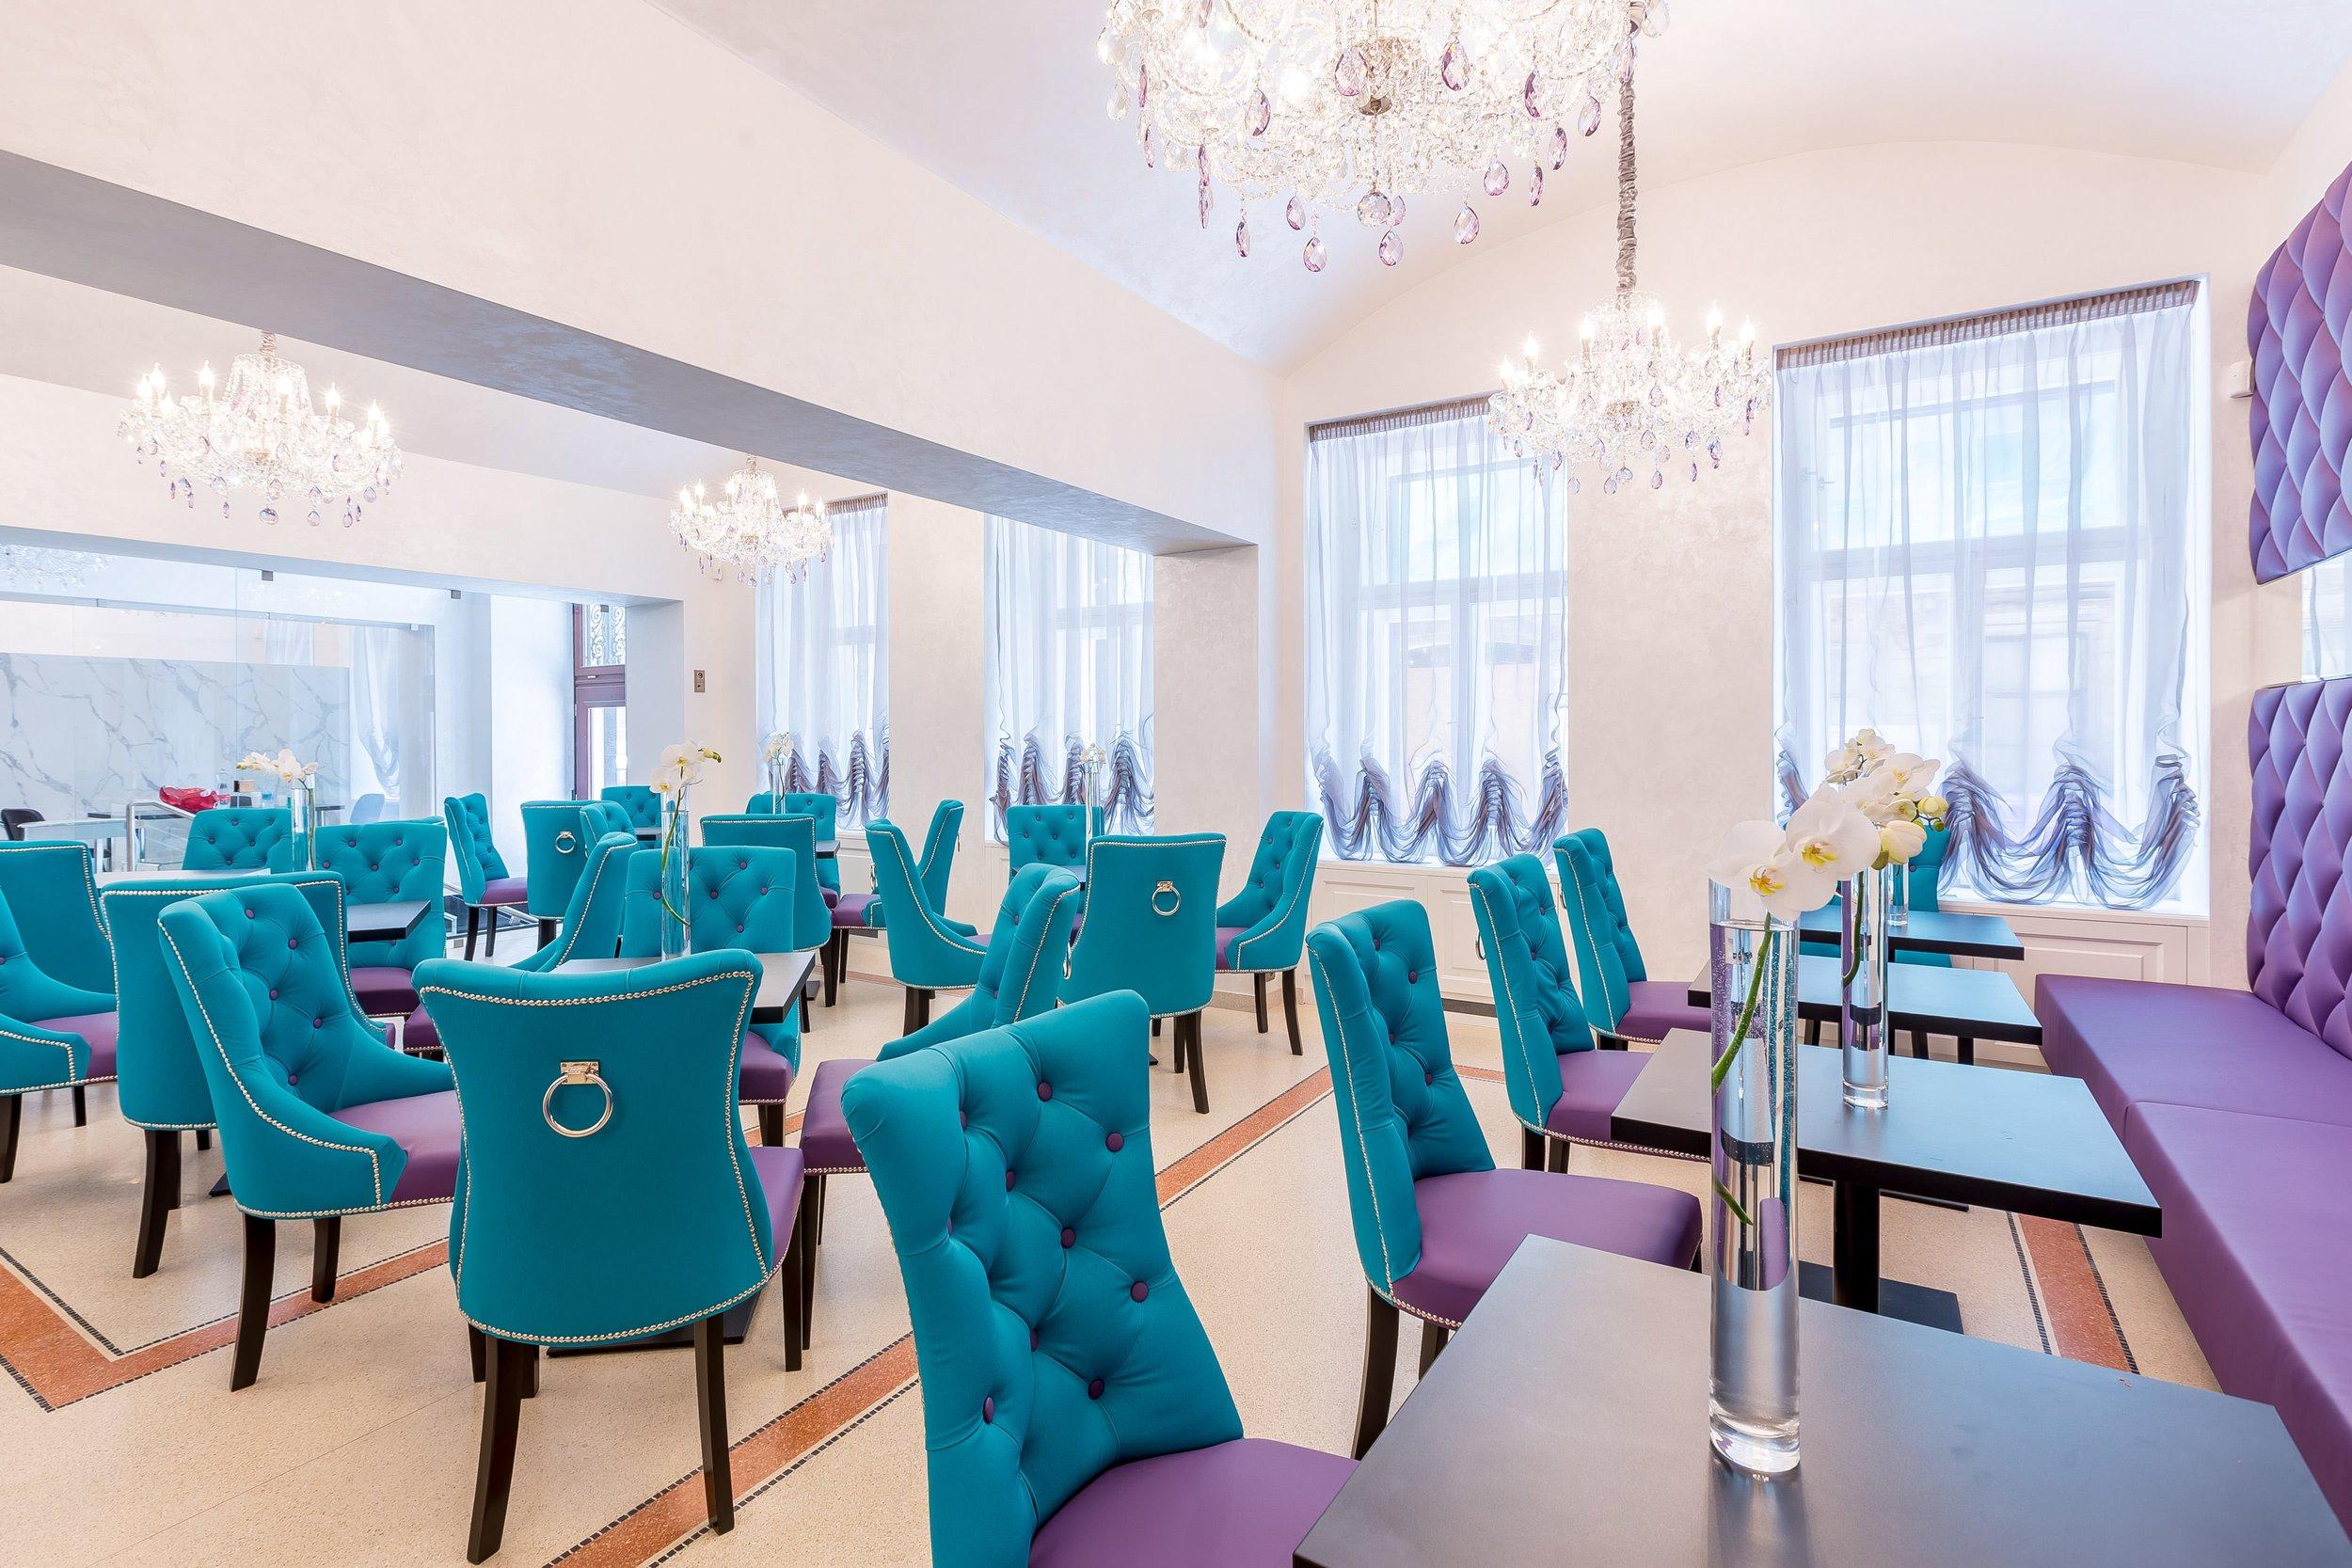 myo-hotel-wenceslas-prague-wranovsky-crystal-chandeliers-1.jpg